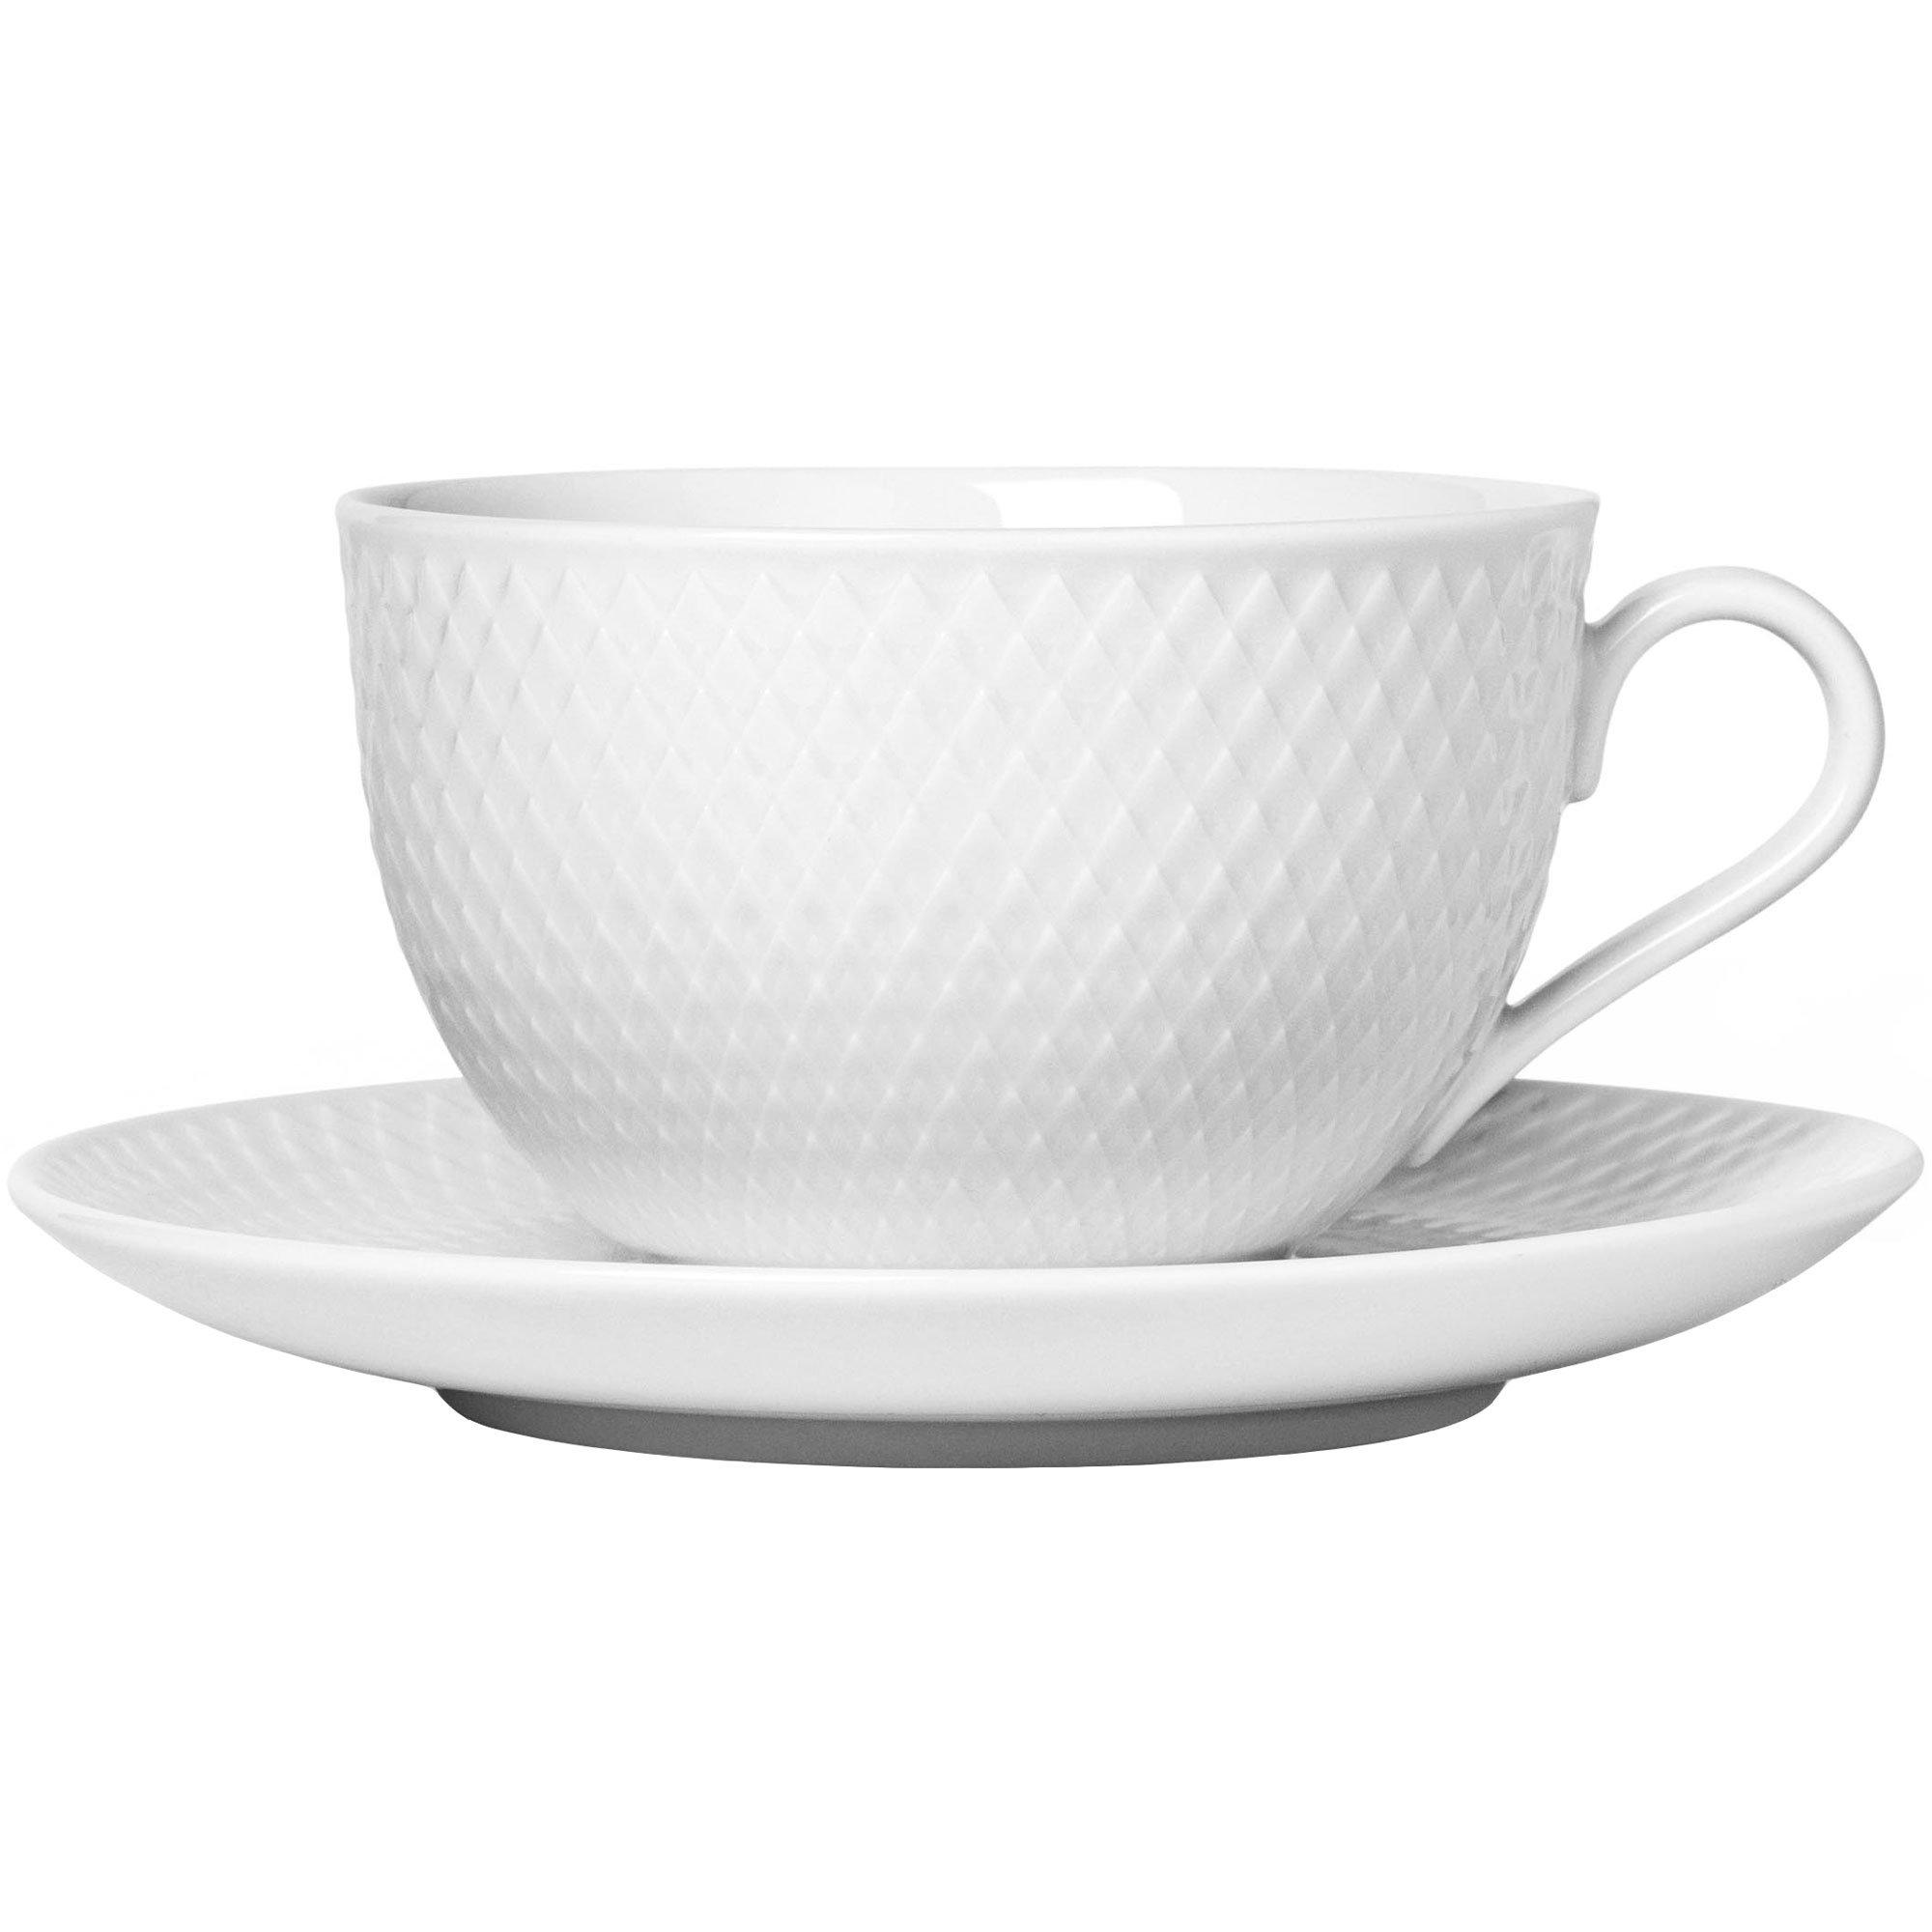 Lyngby Porcelæn Rhombe Tekopp med fat vit